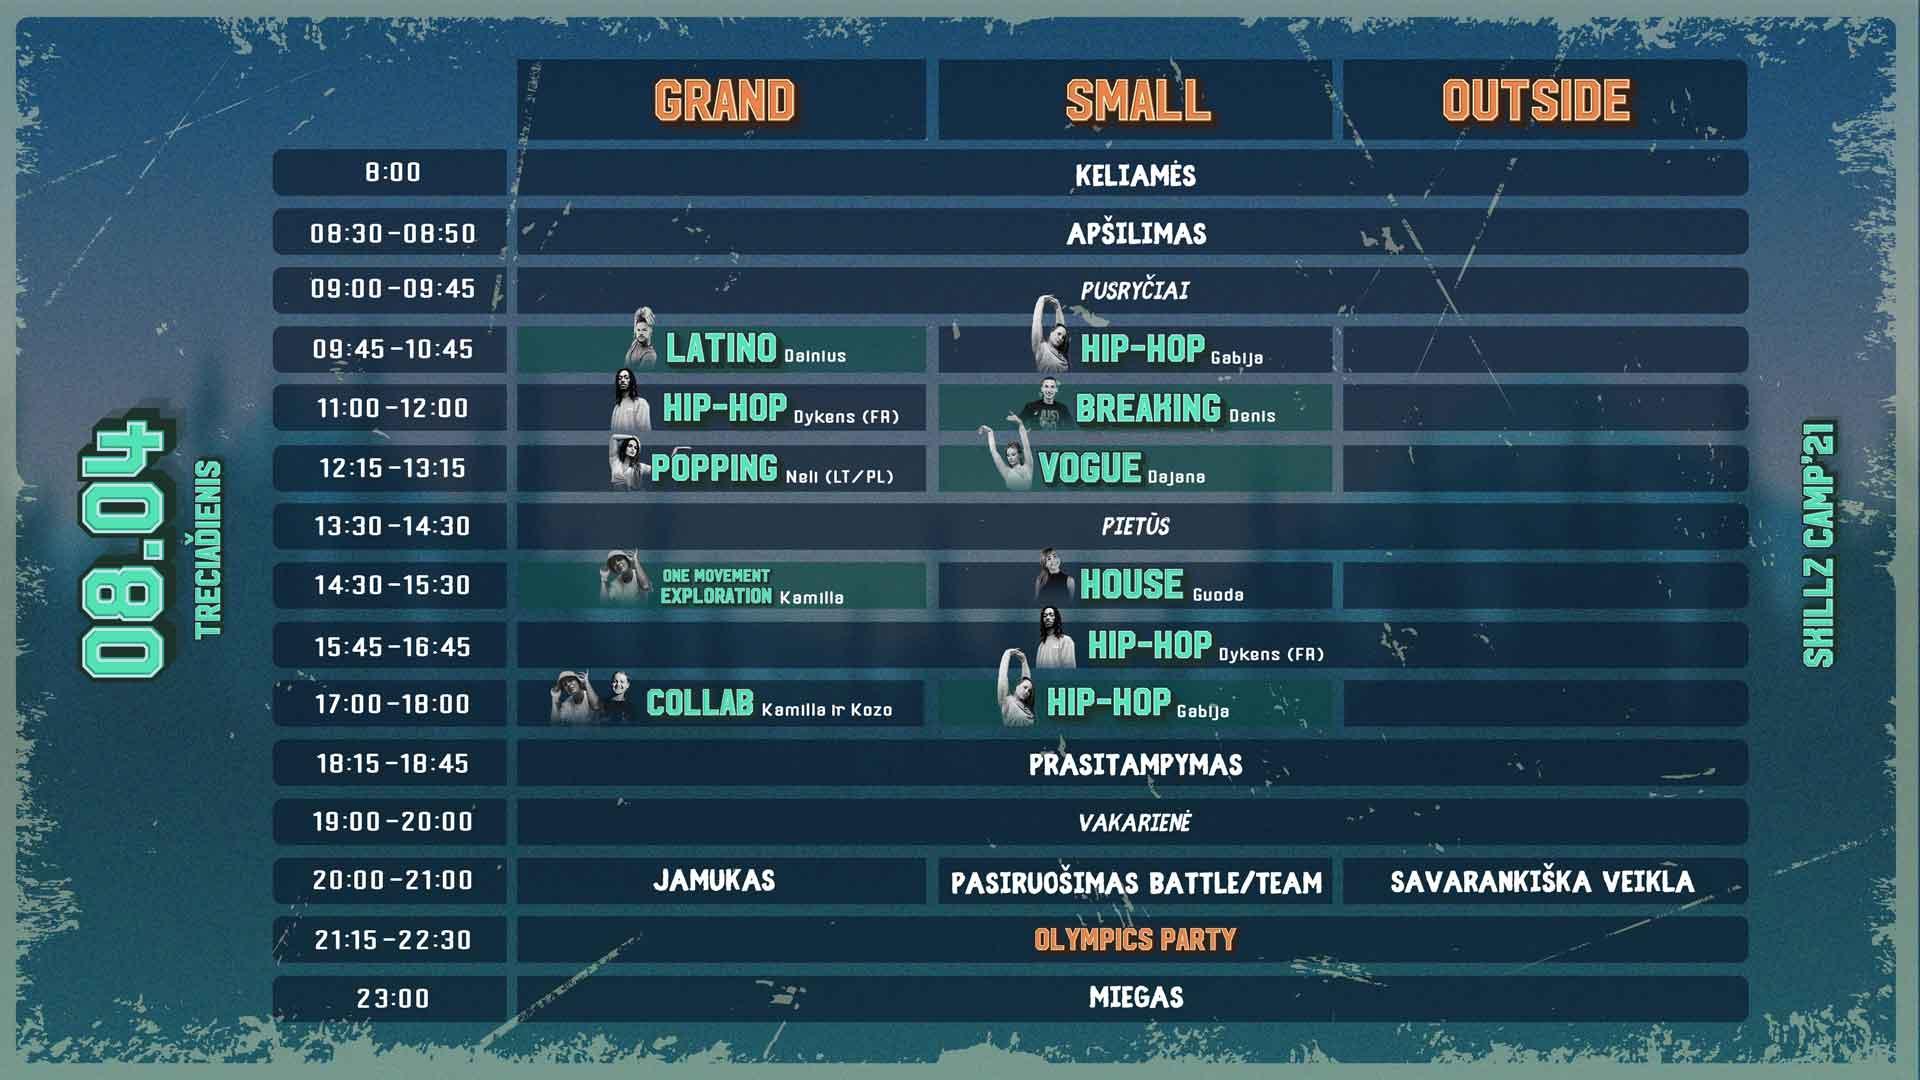 Schedule-08_04